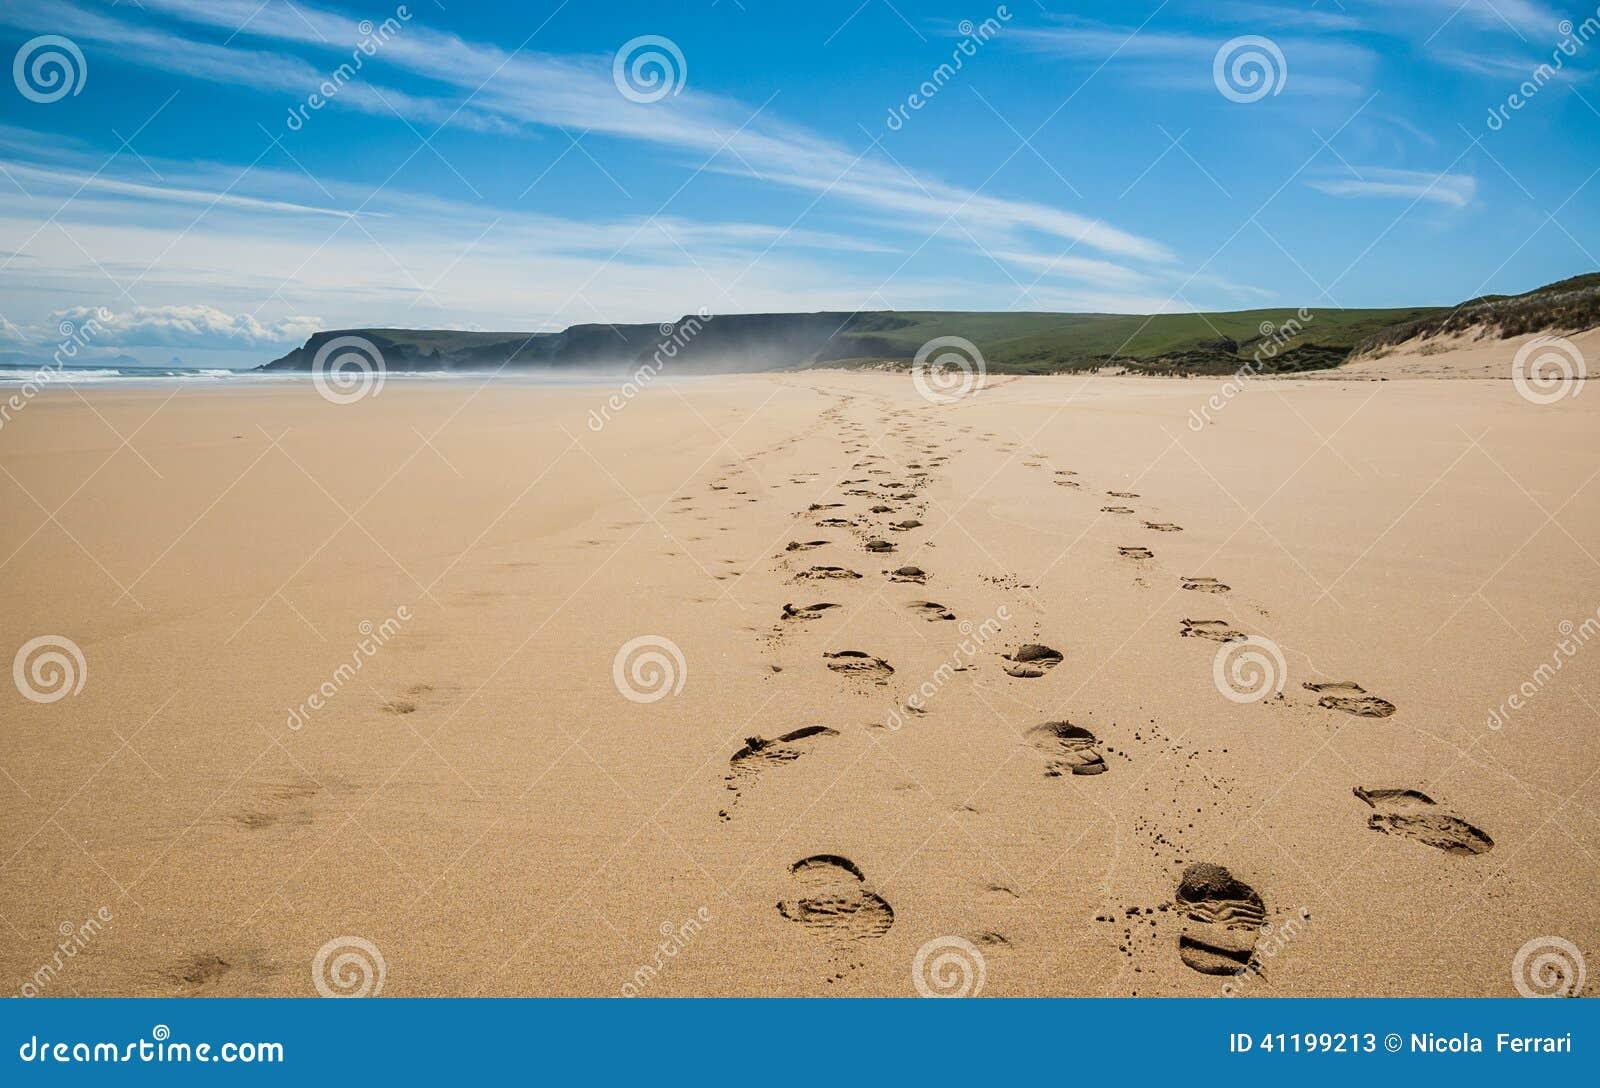 Huellas de caminar botas en la arena de una playa remota for Arena de playa precio